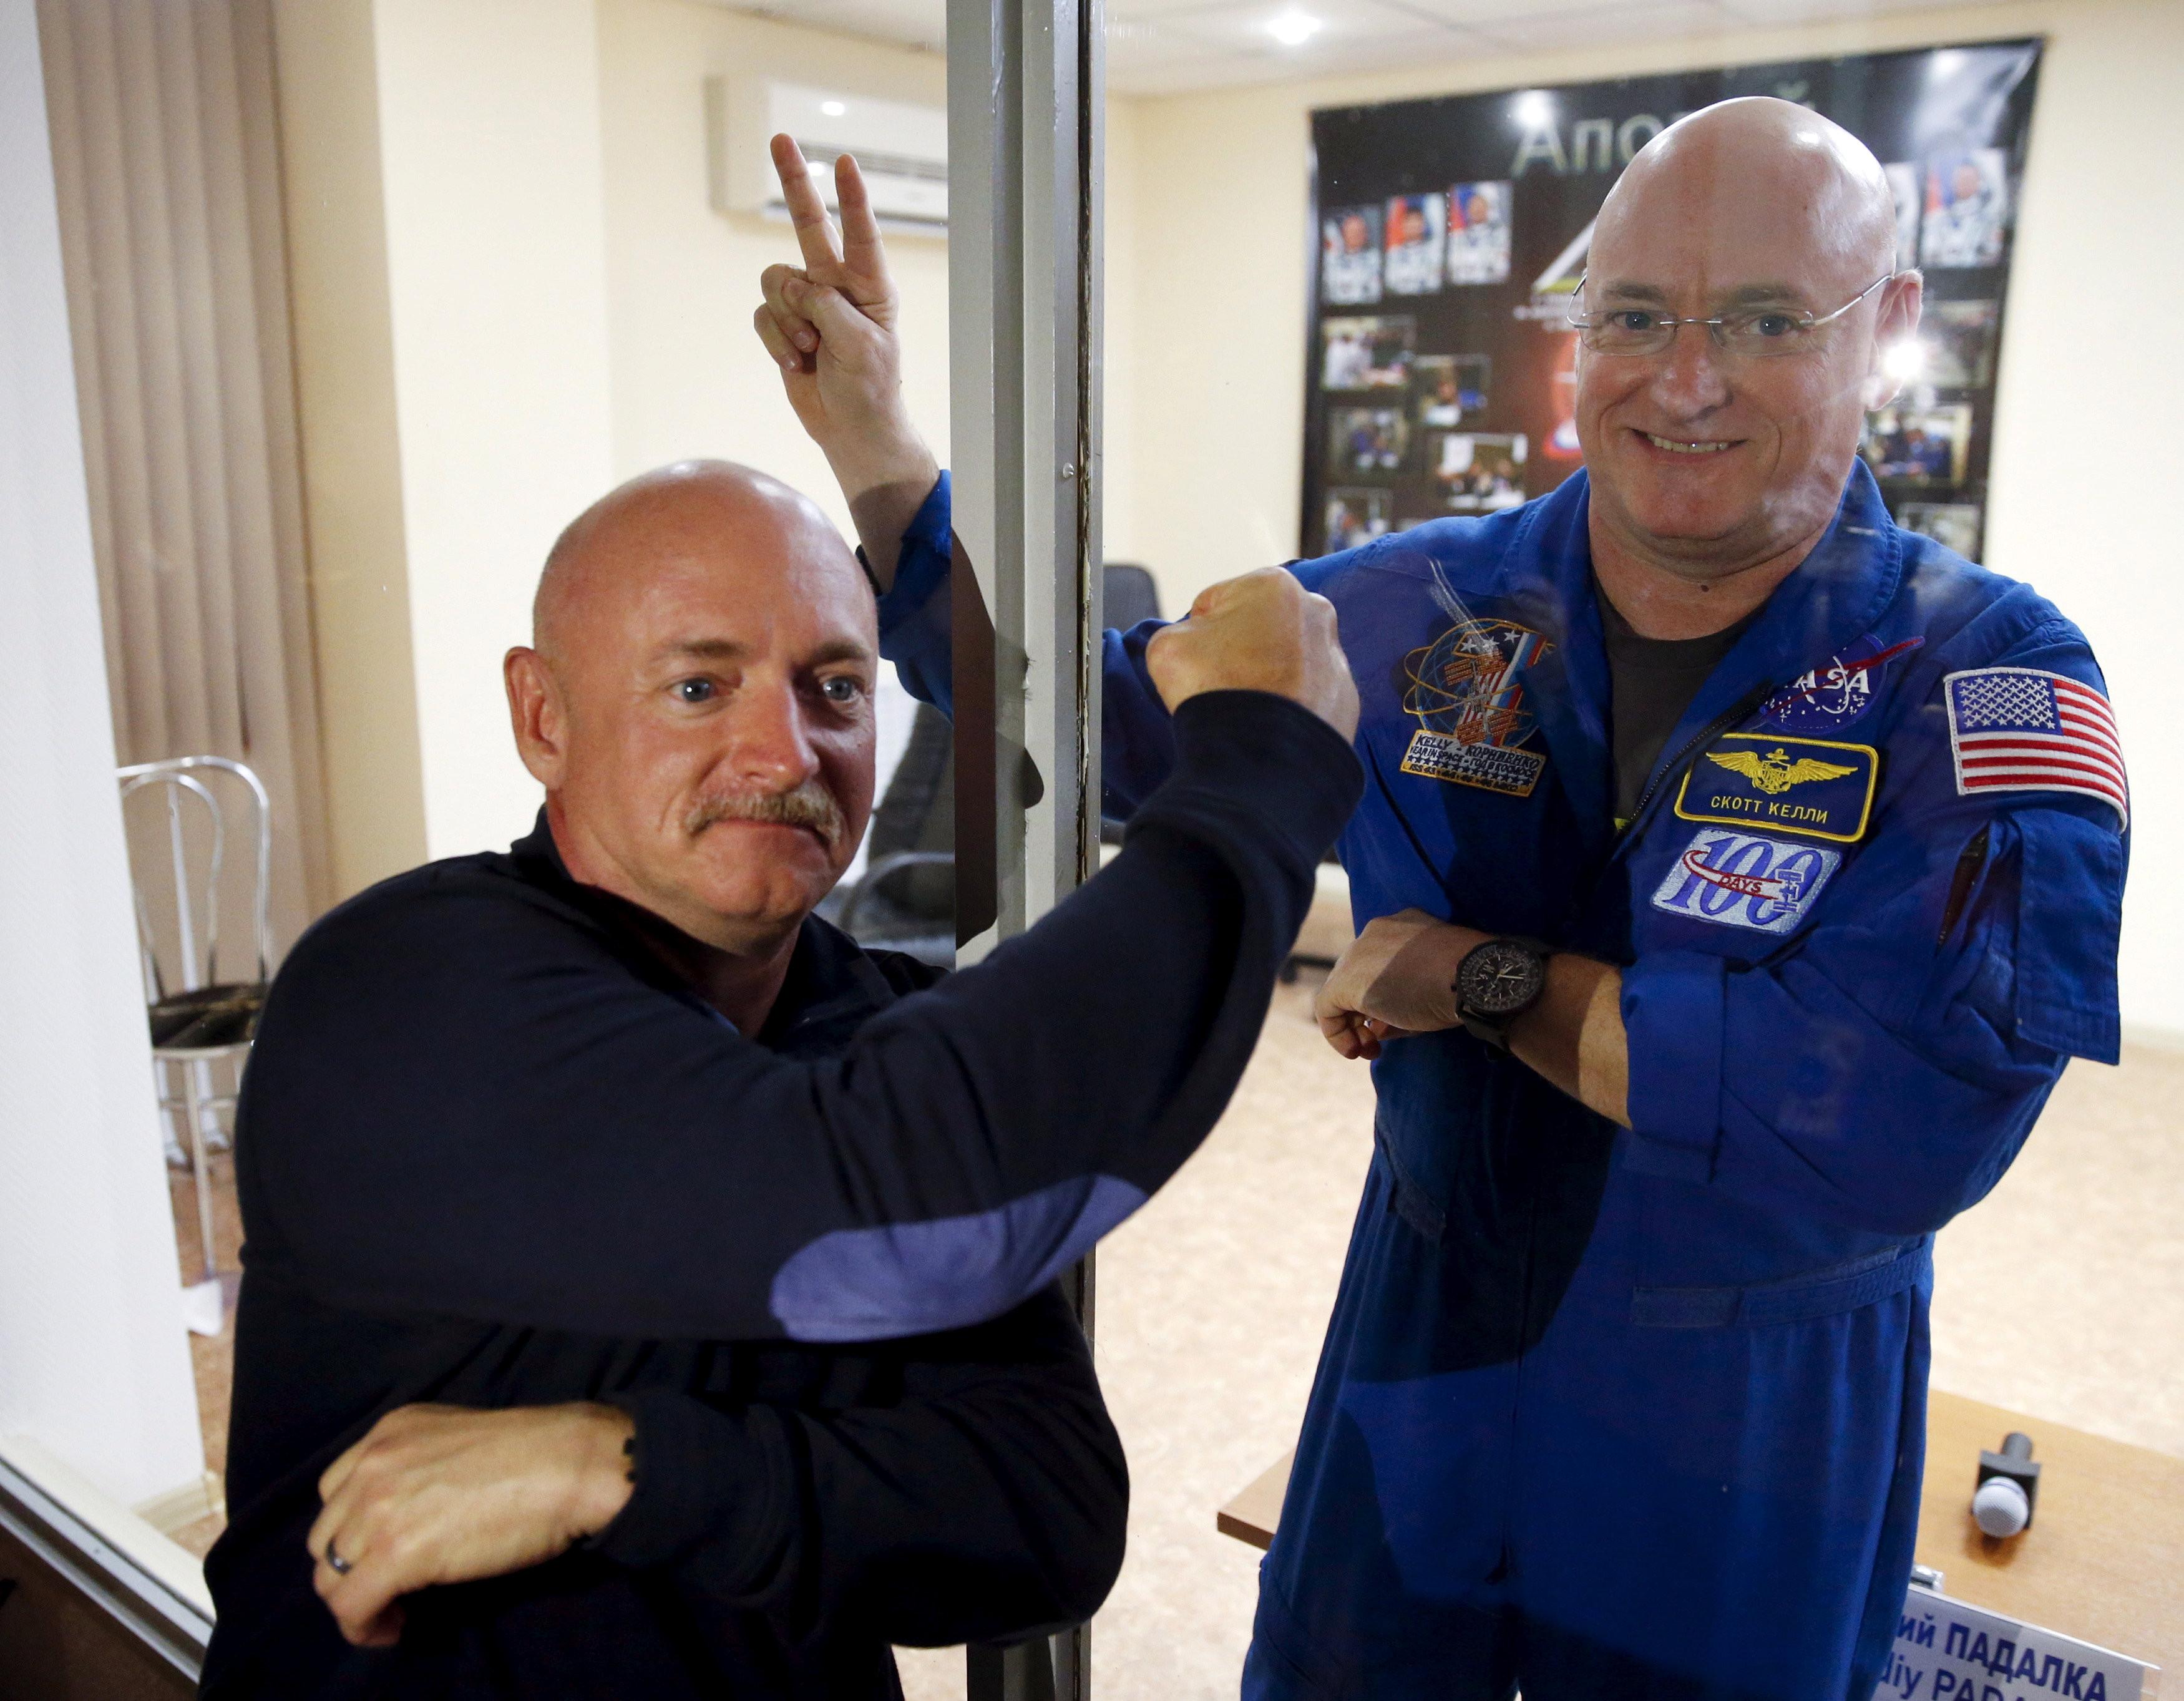 ▲▼太空人史考特(Scott Kelly)和雙胞胎兄弟馬克(Mark Kelly)。(圖/路透社)